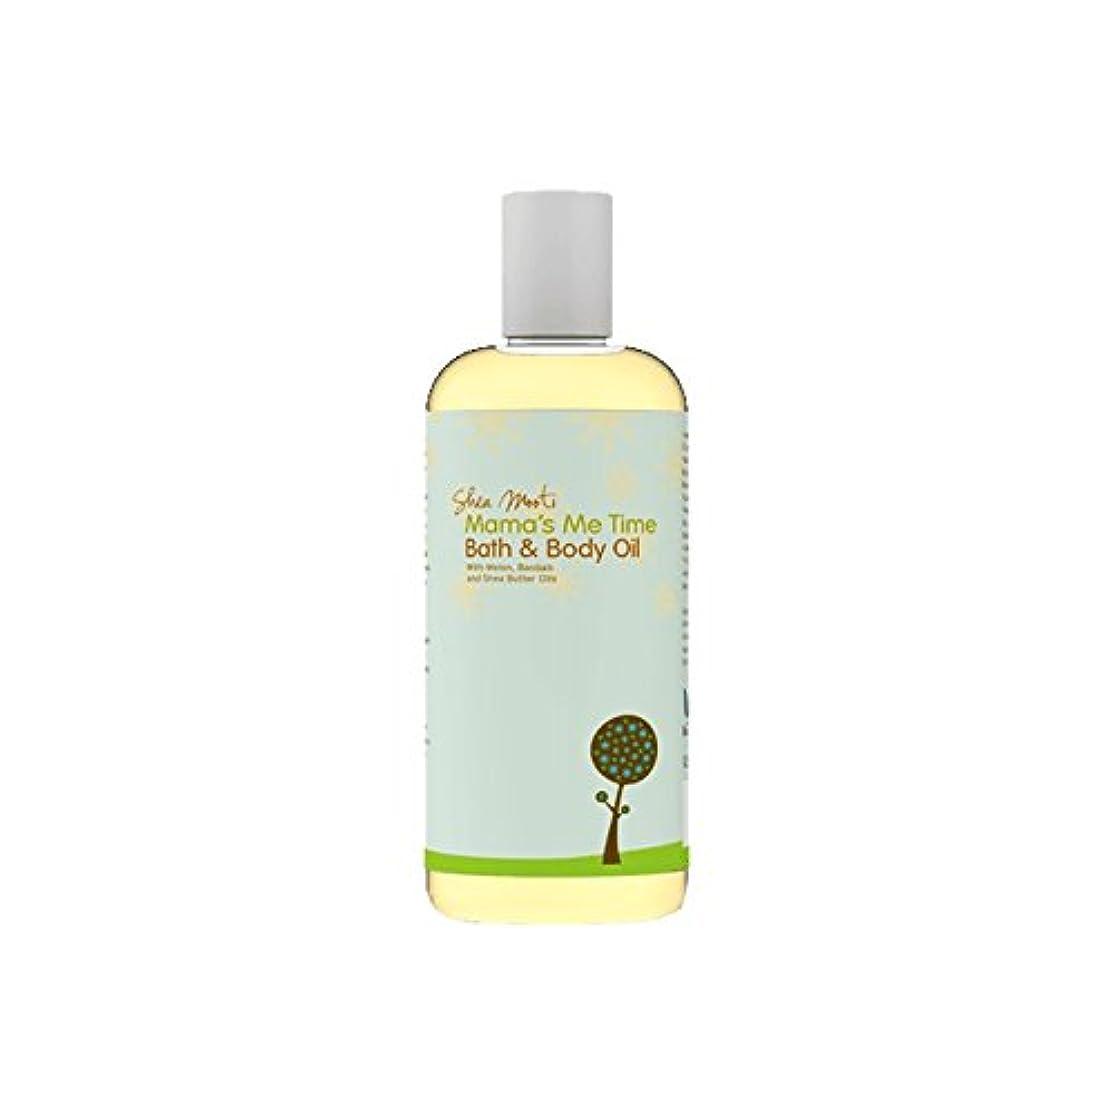 カセット充電オーブンShea Mooti Mama's Me Time Bath and Body Oil 110g (Pack of 6) - シアバターMootiママの私の時間のバス、ボディオイル110グラム (x6) [並行輸入品]